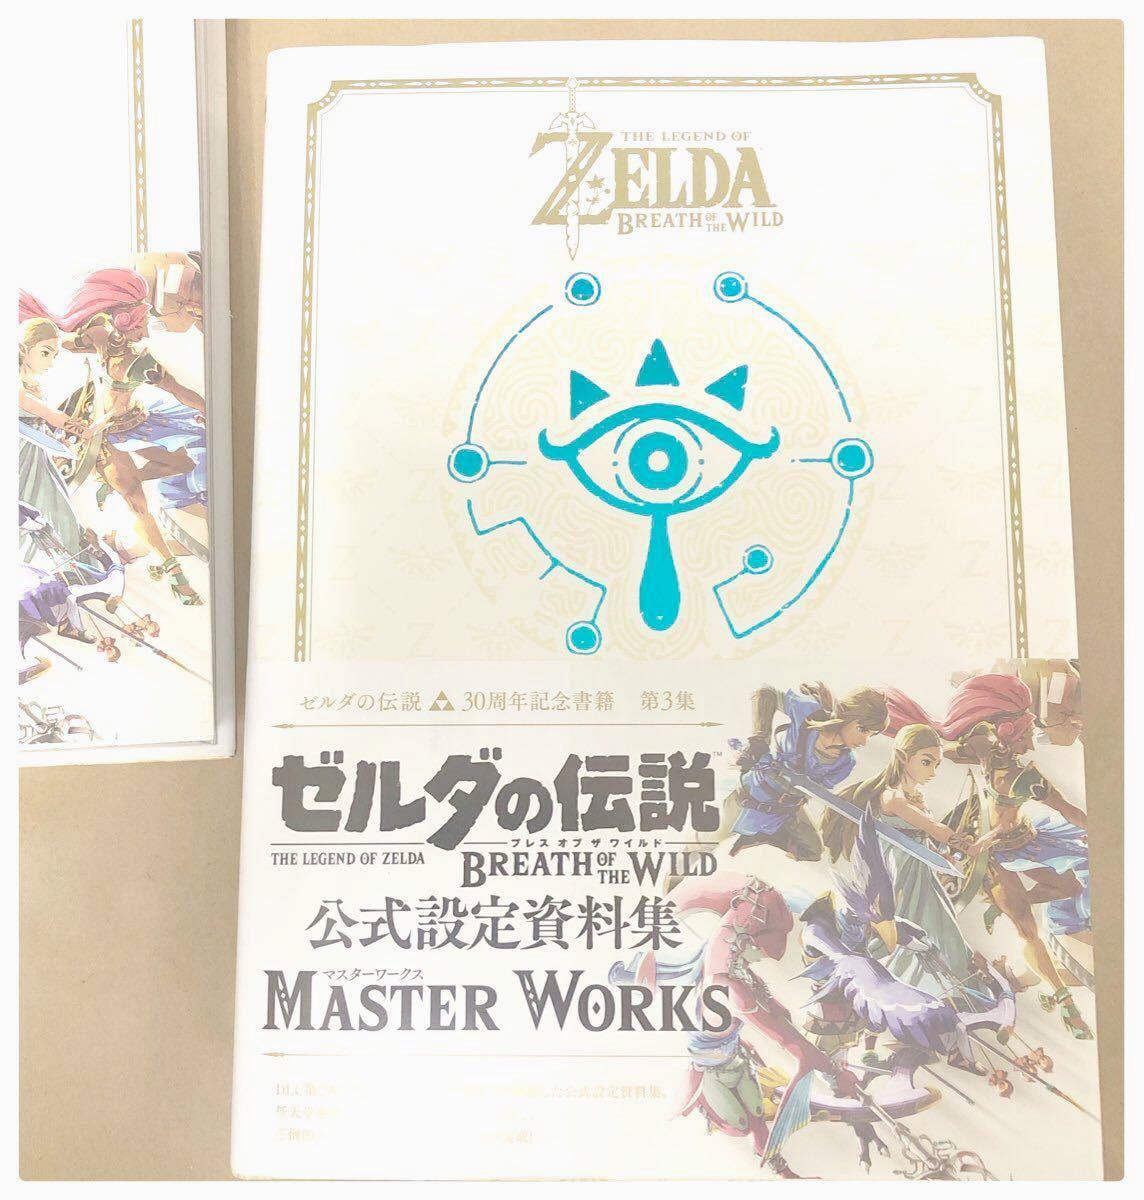 【新品未使用品】ゼルダの伝説 公式 設定資料集 30周年記念 第3集